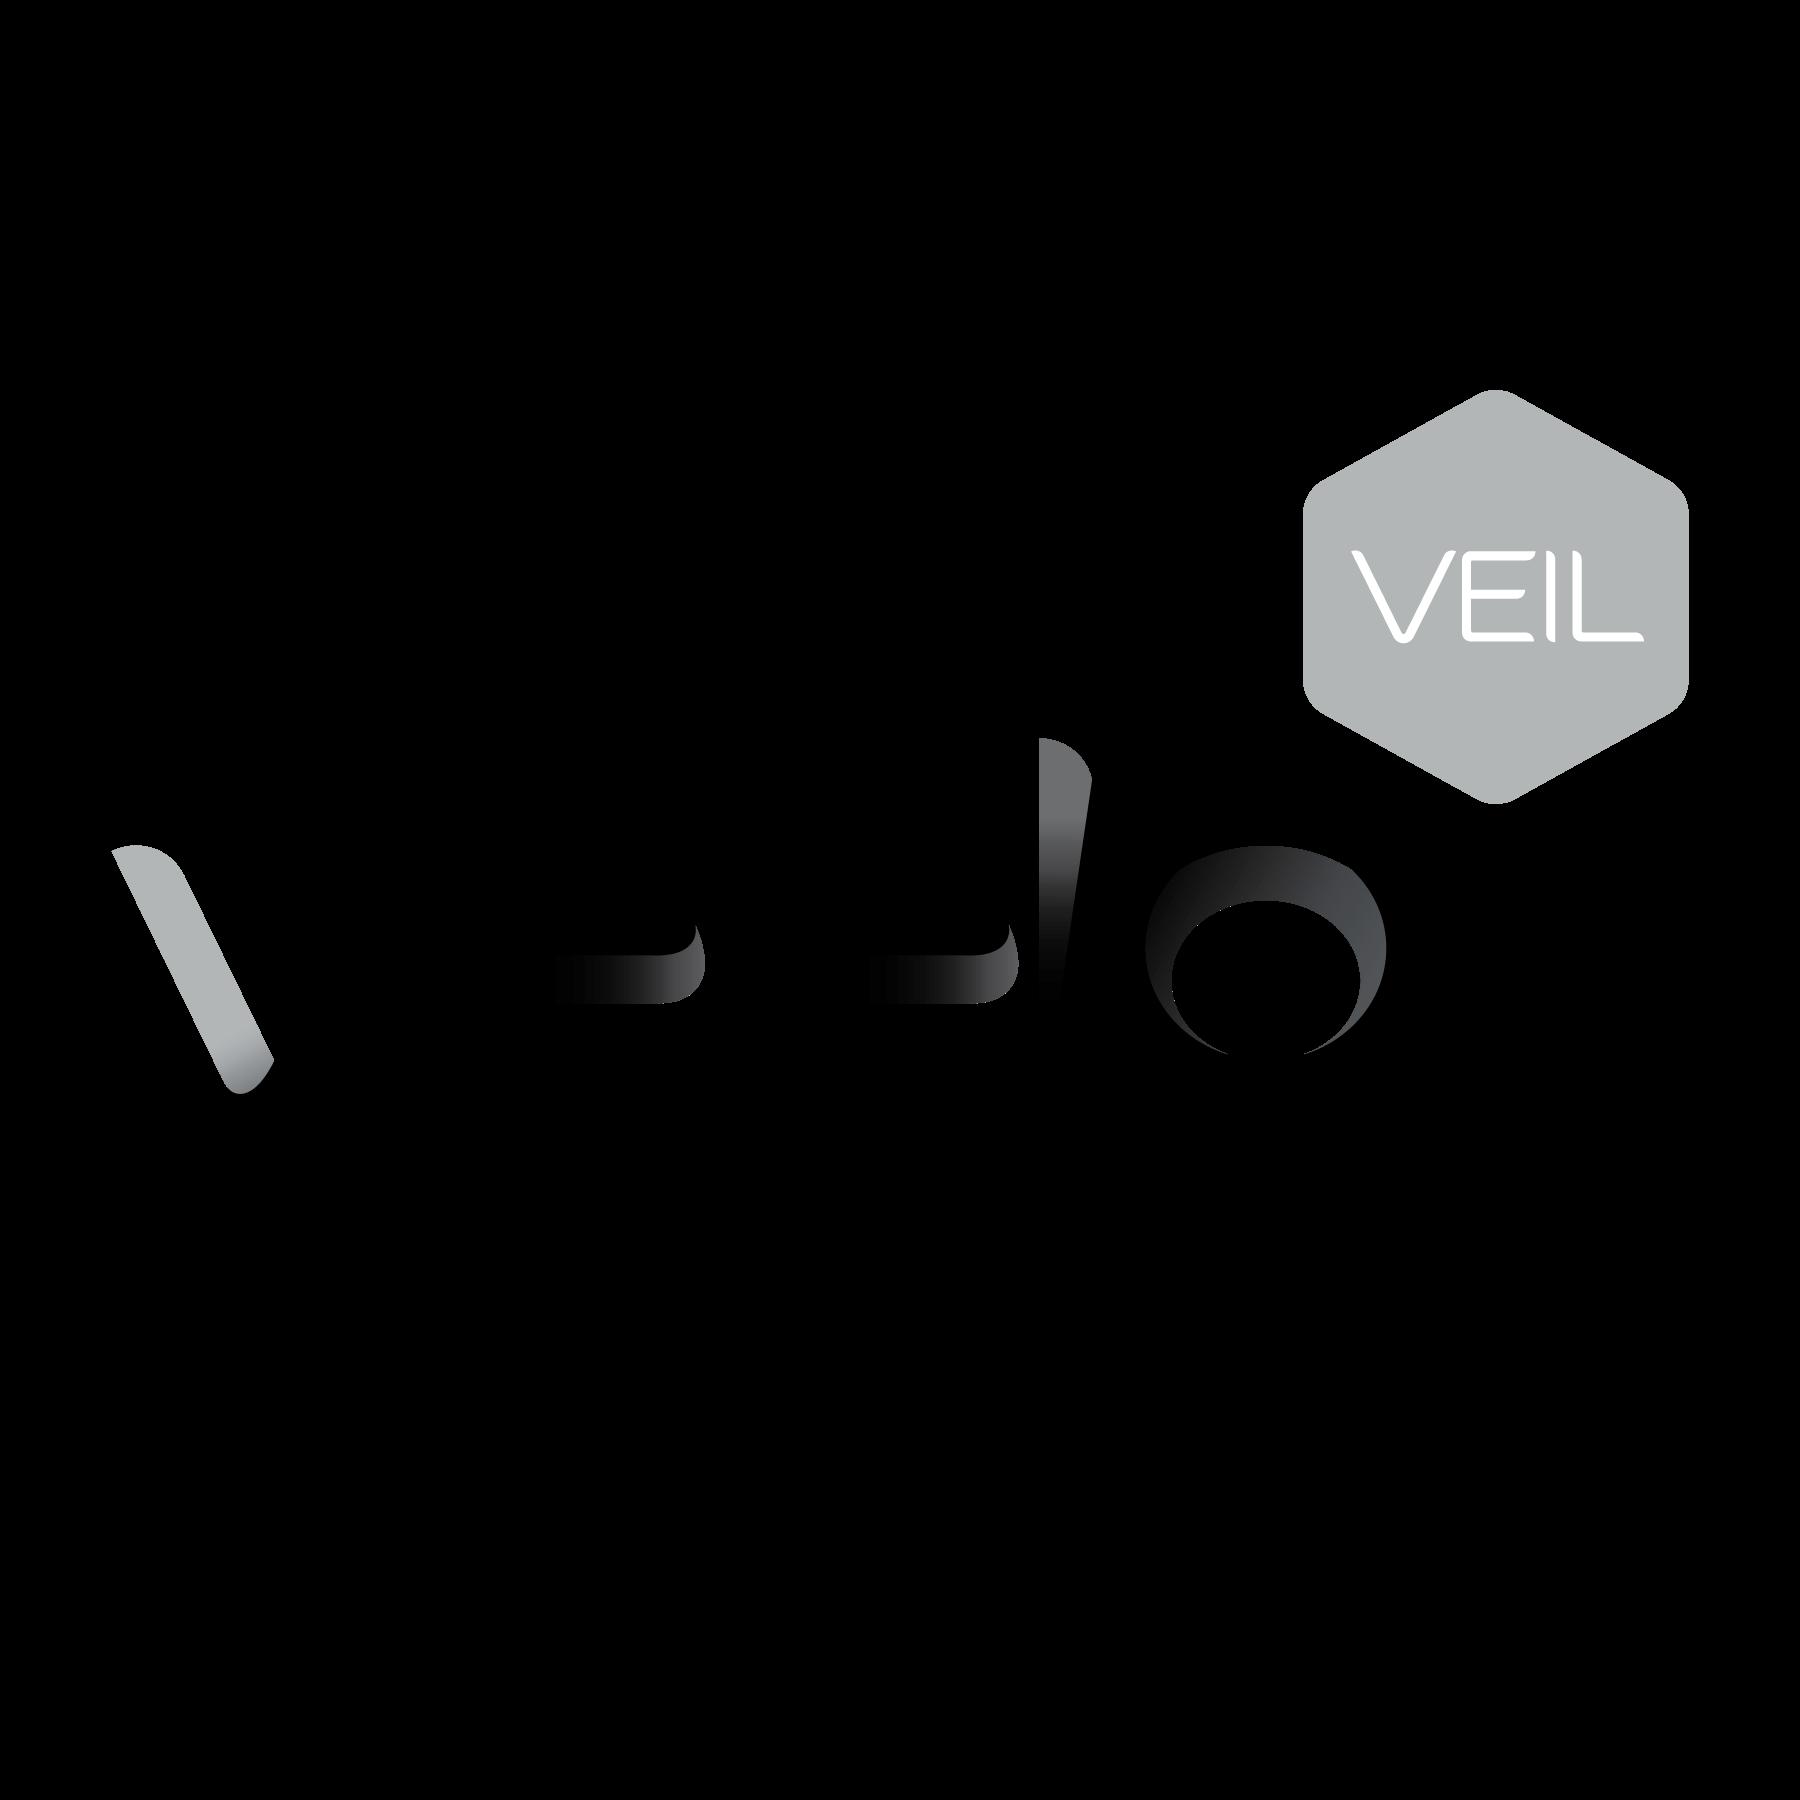 Veelo_Veil.png